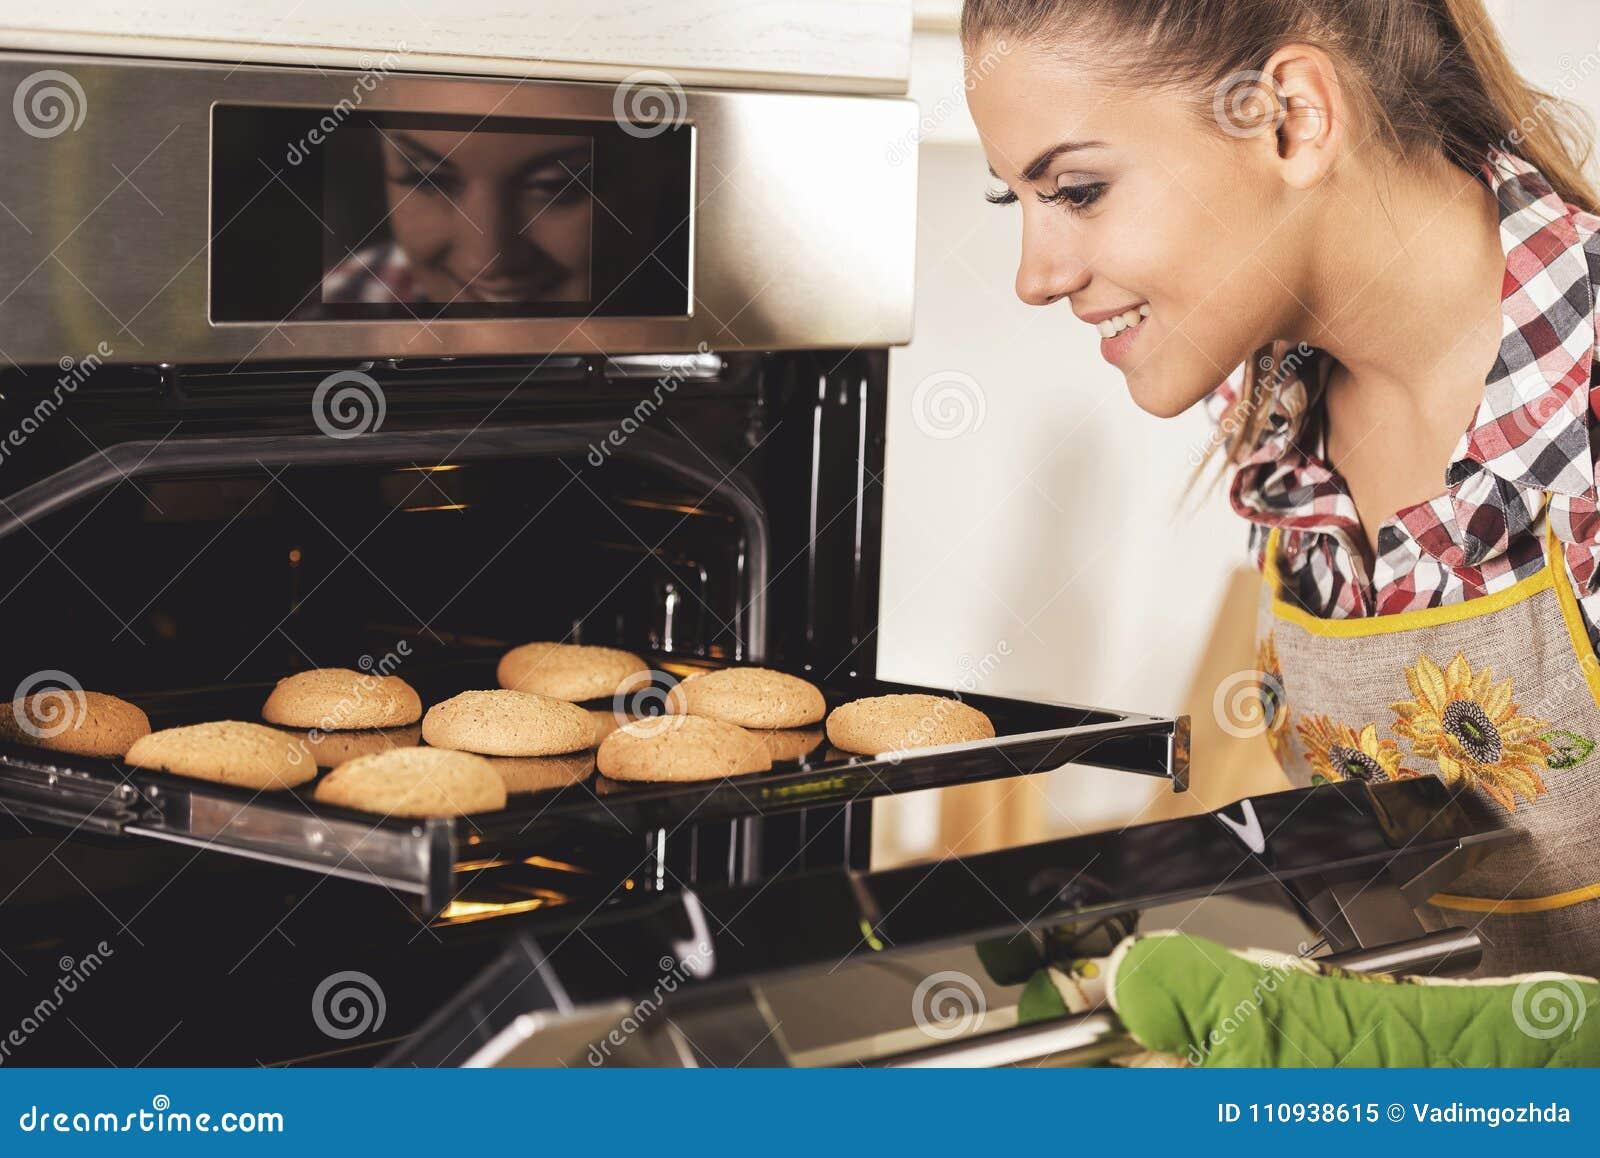 Η νέα όμορφη γυναίκα τραβά τα μπισκότα από το φούρνο